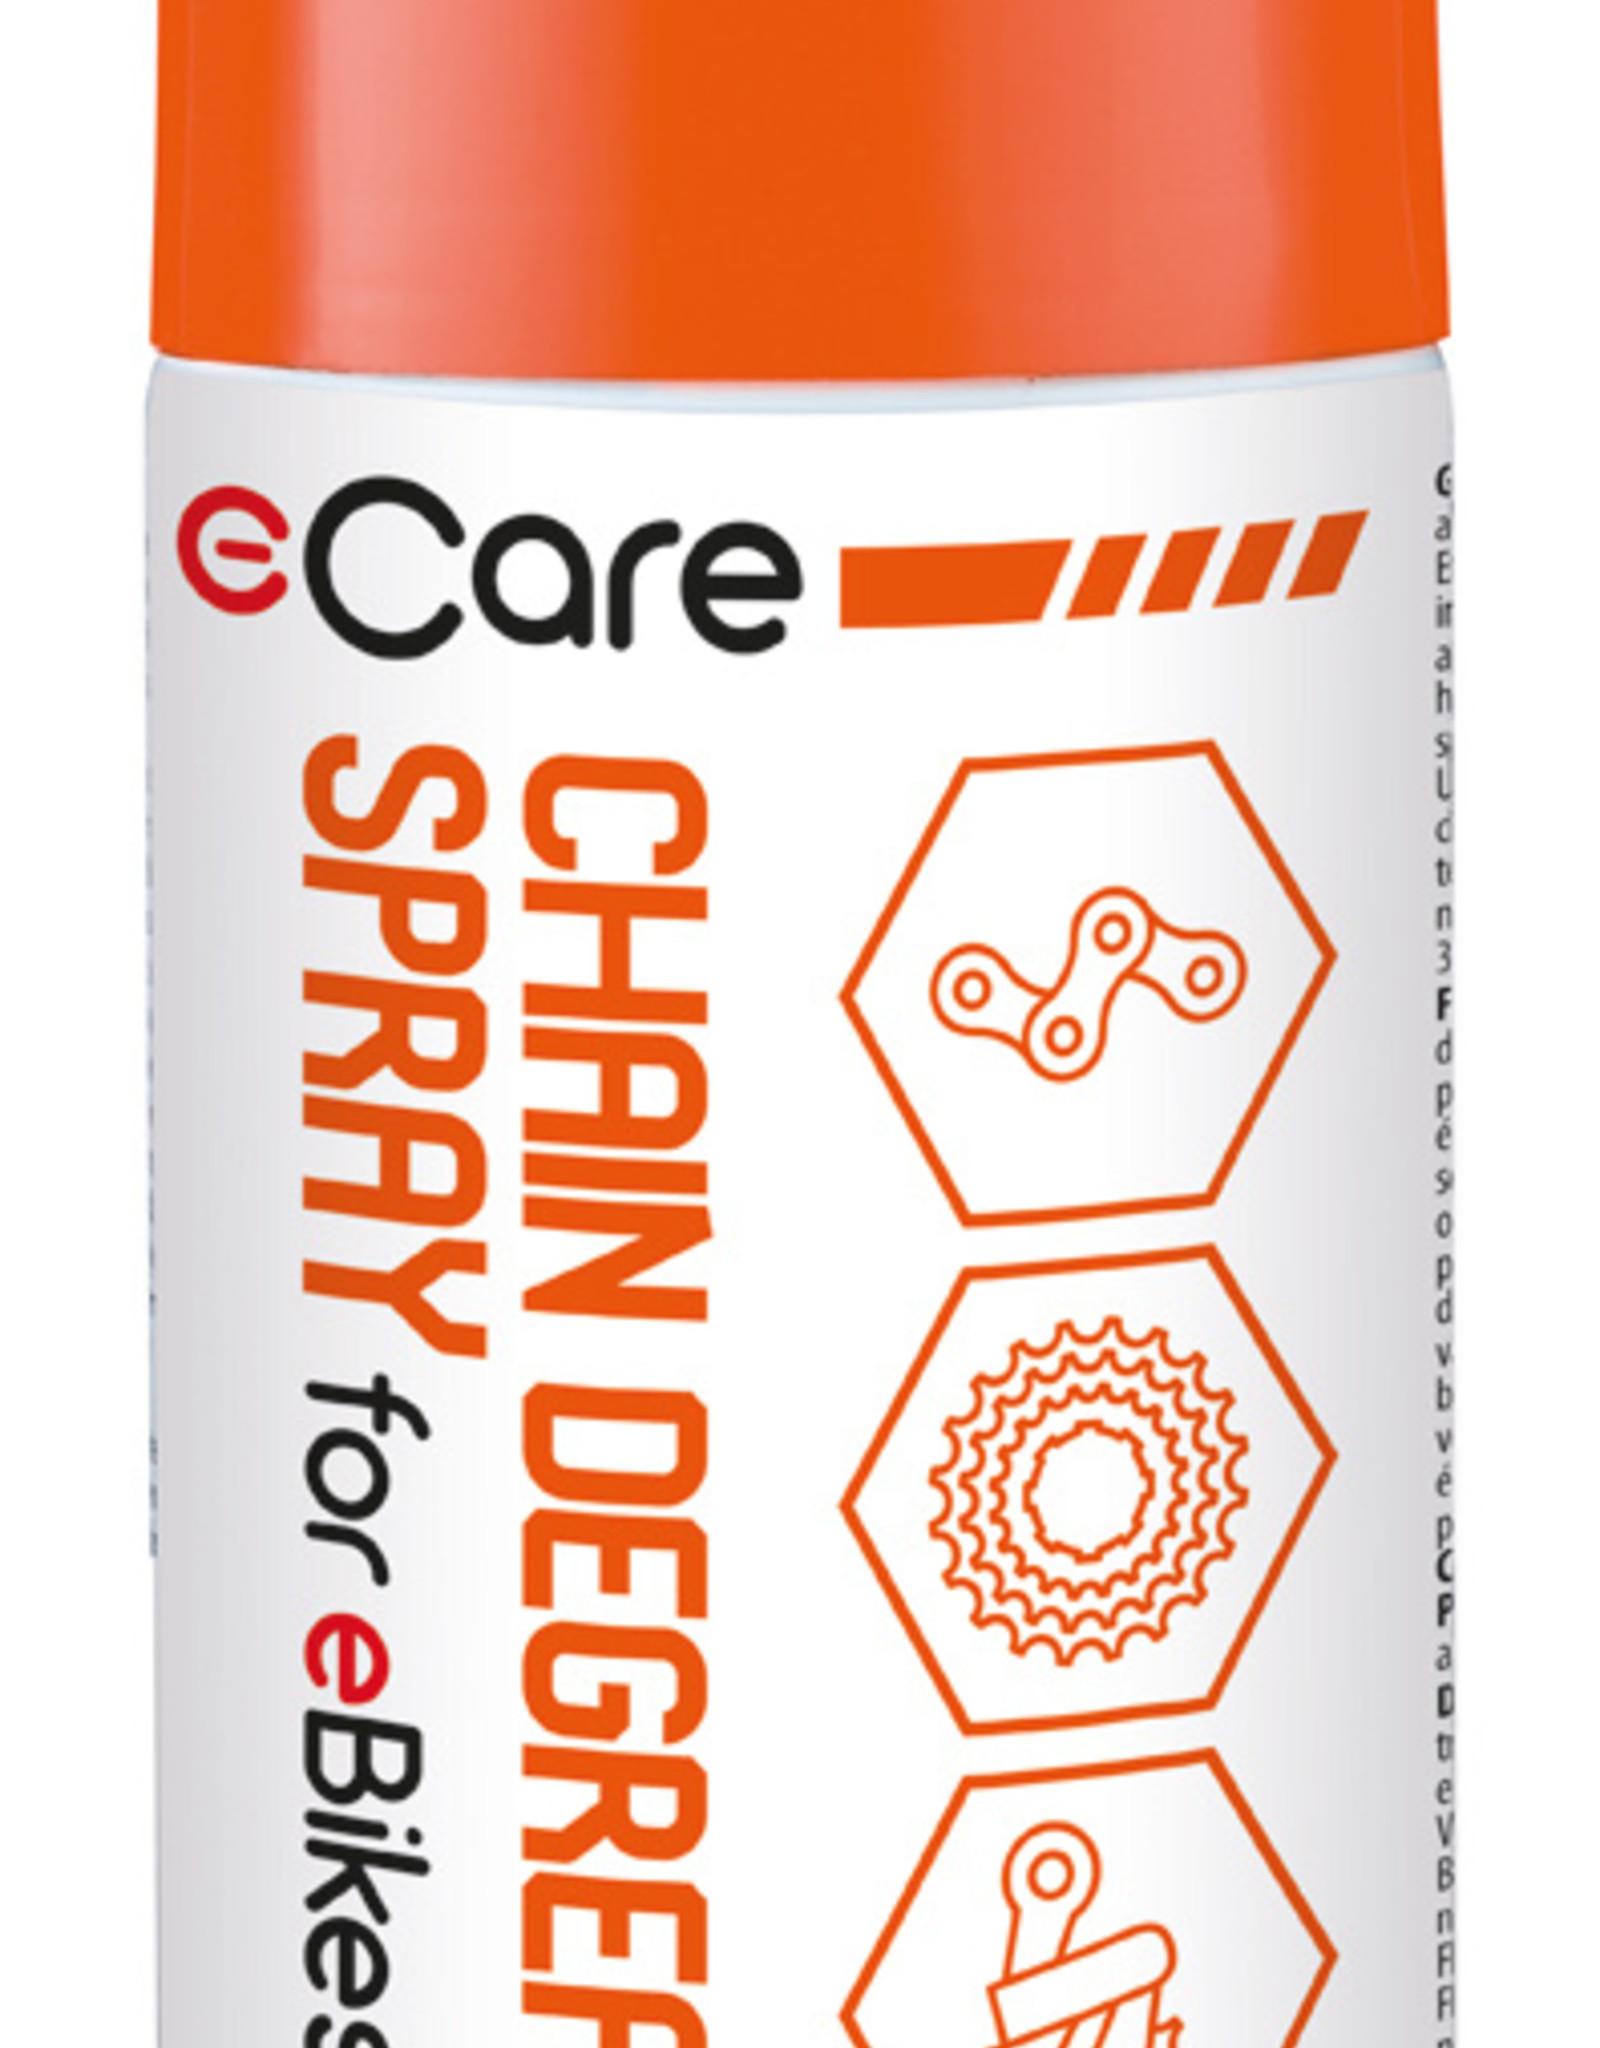 Weldtite eCare Degreaser Spray 150ml